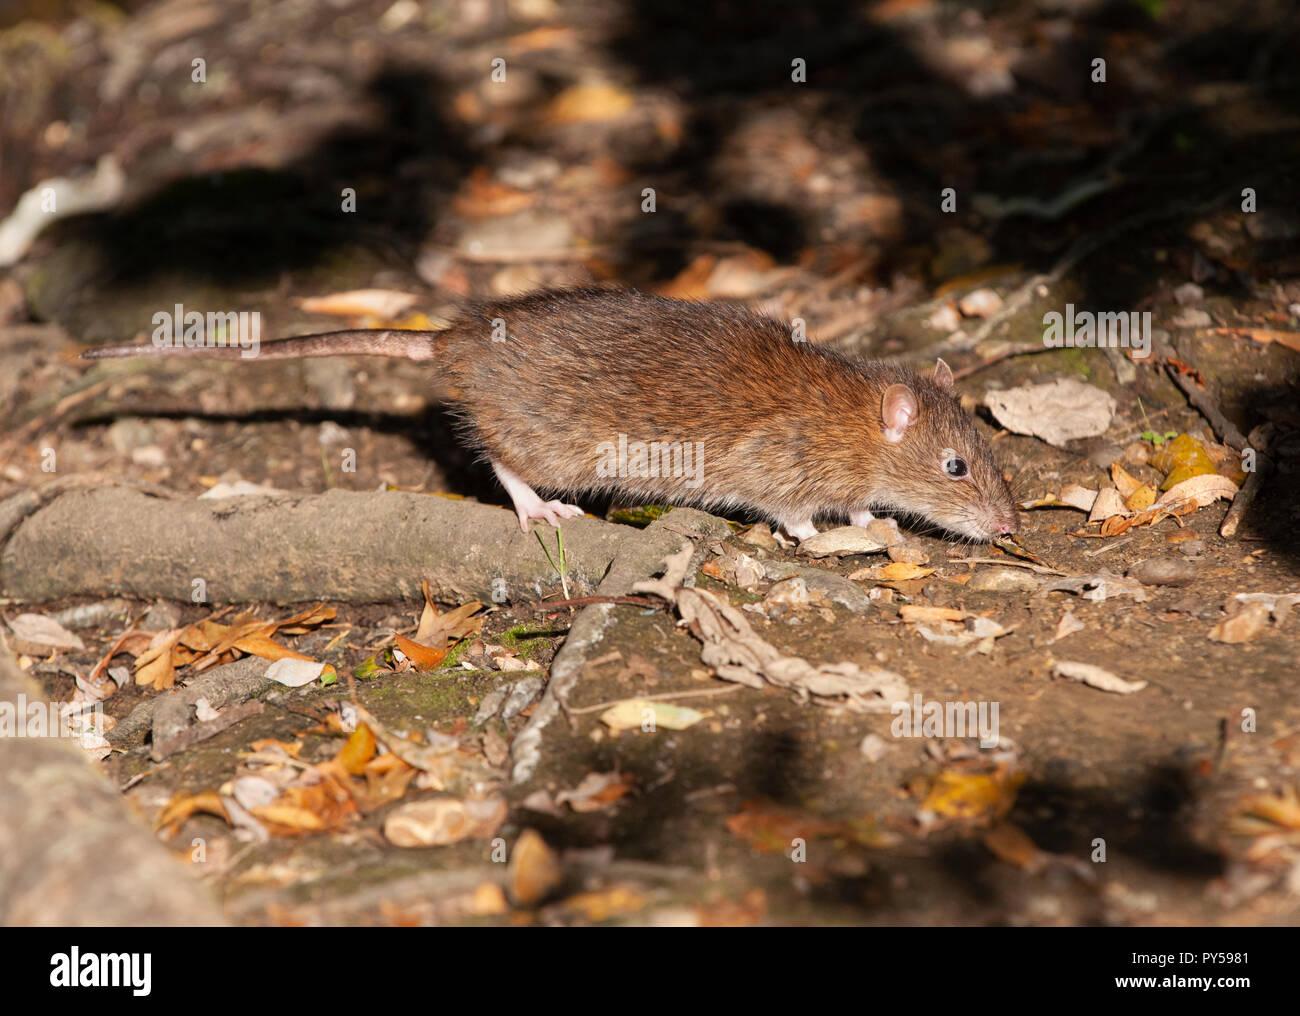 adult Brown Rat, Rattus norvegicus, Walthamstow Reservoirs, London, United Kingdom - Stock Image